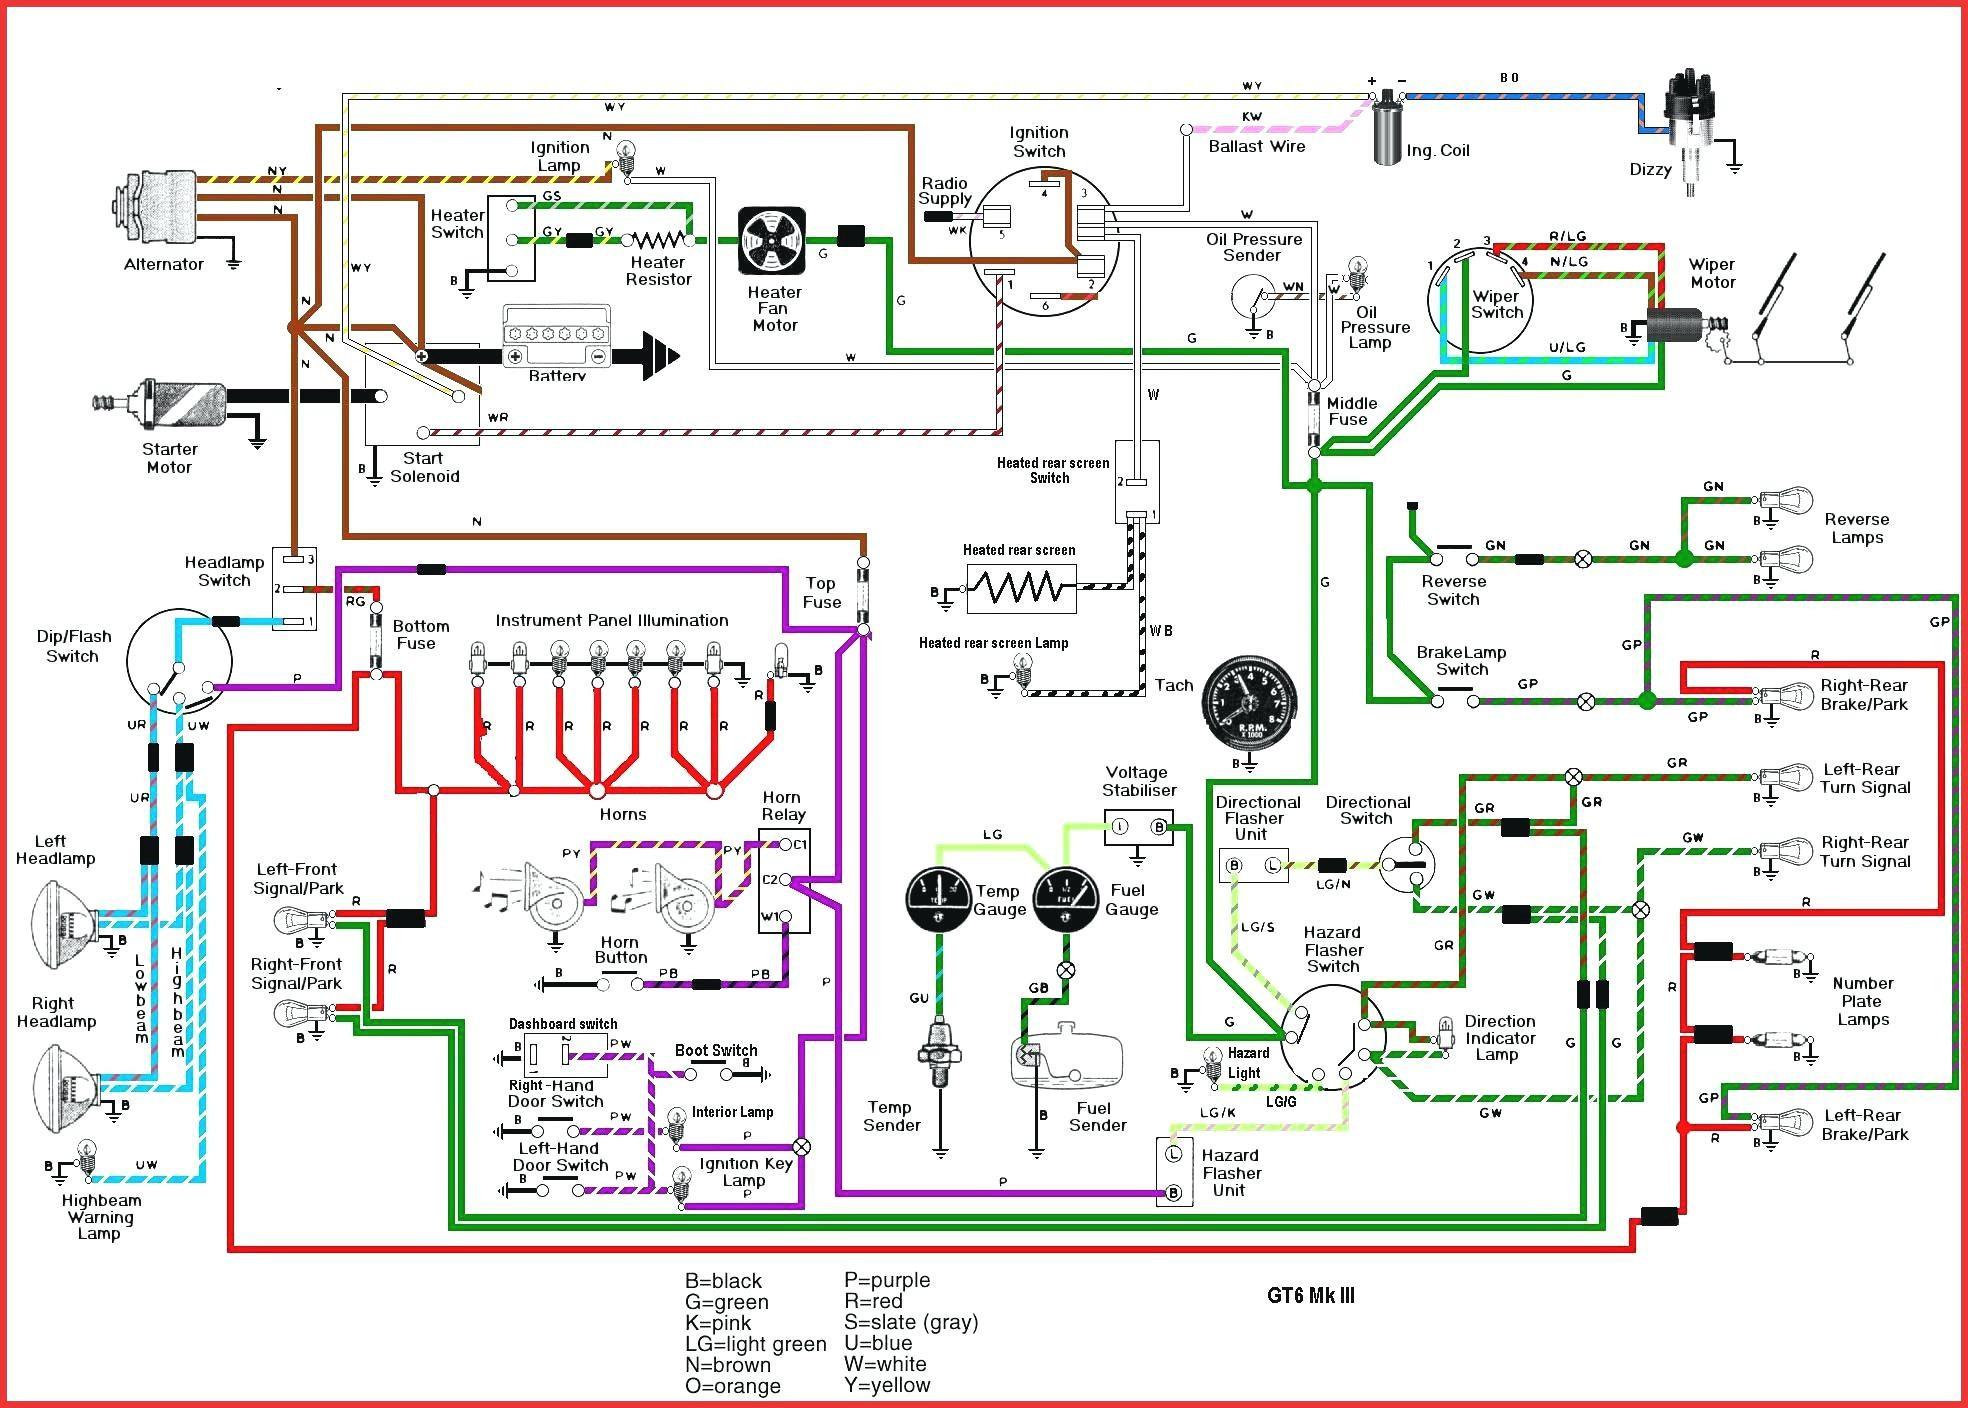 Race Car Wiring Setup - Wiring Diagram Detailed - Basic Race Car Wiring Diagram